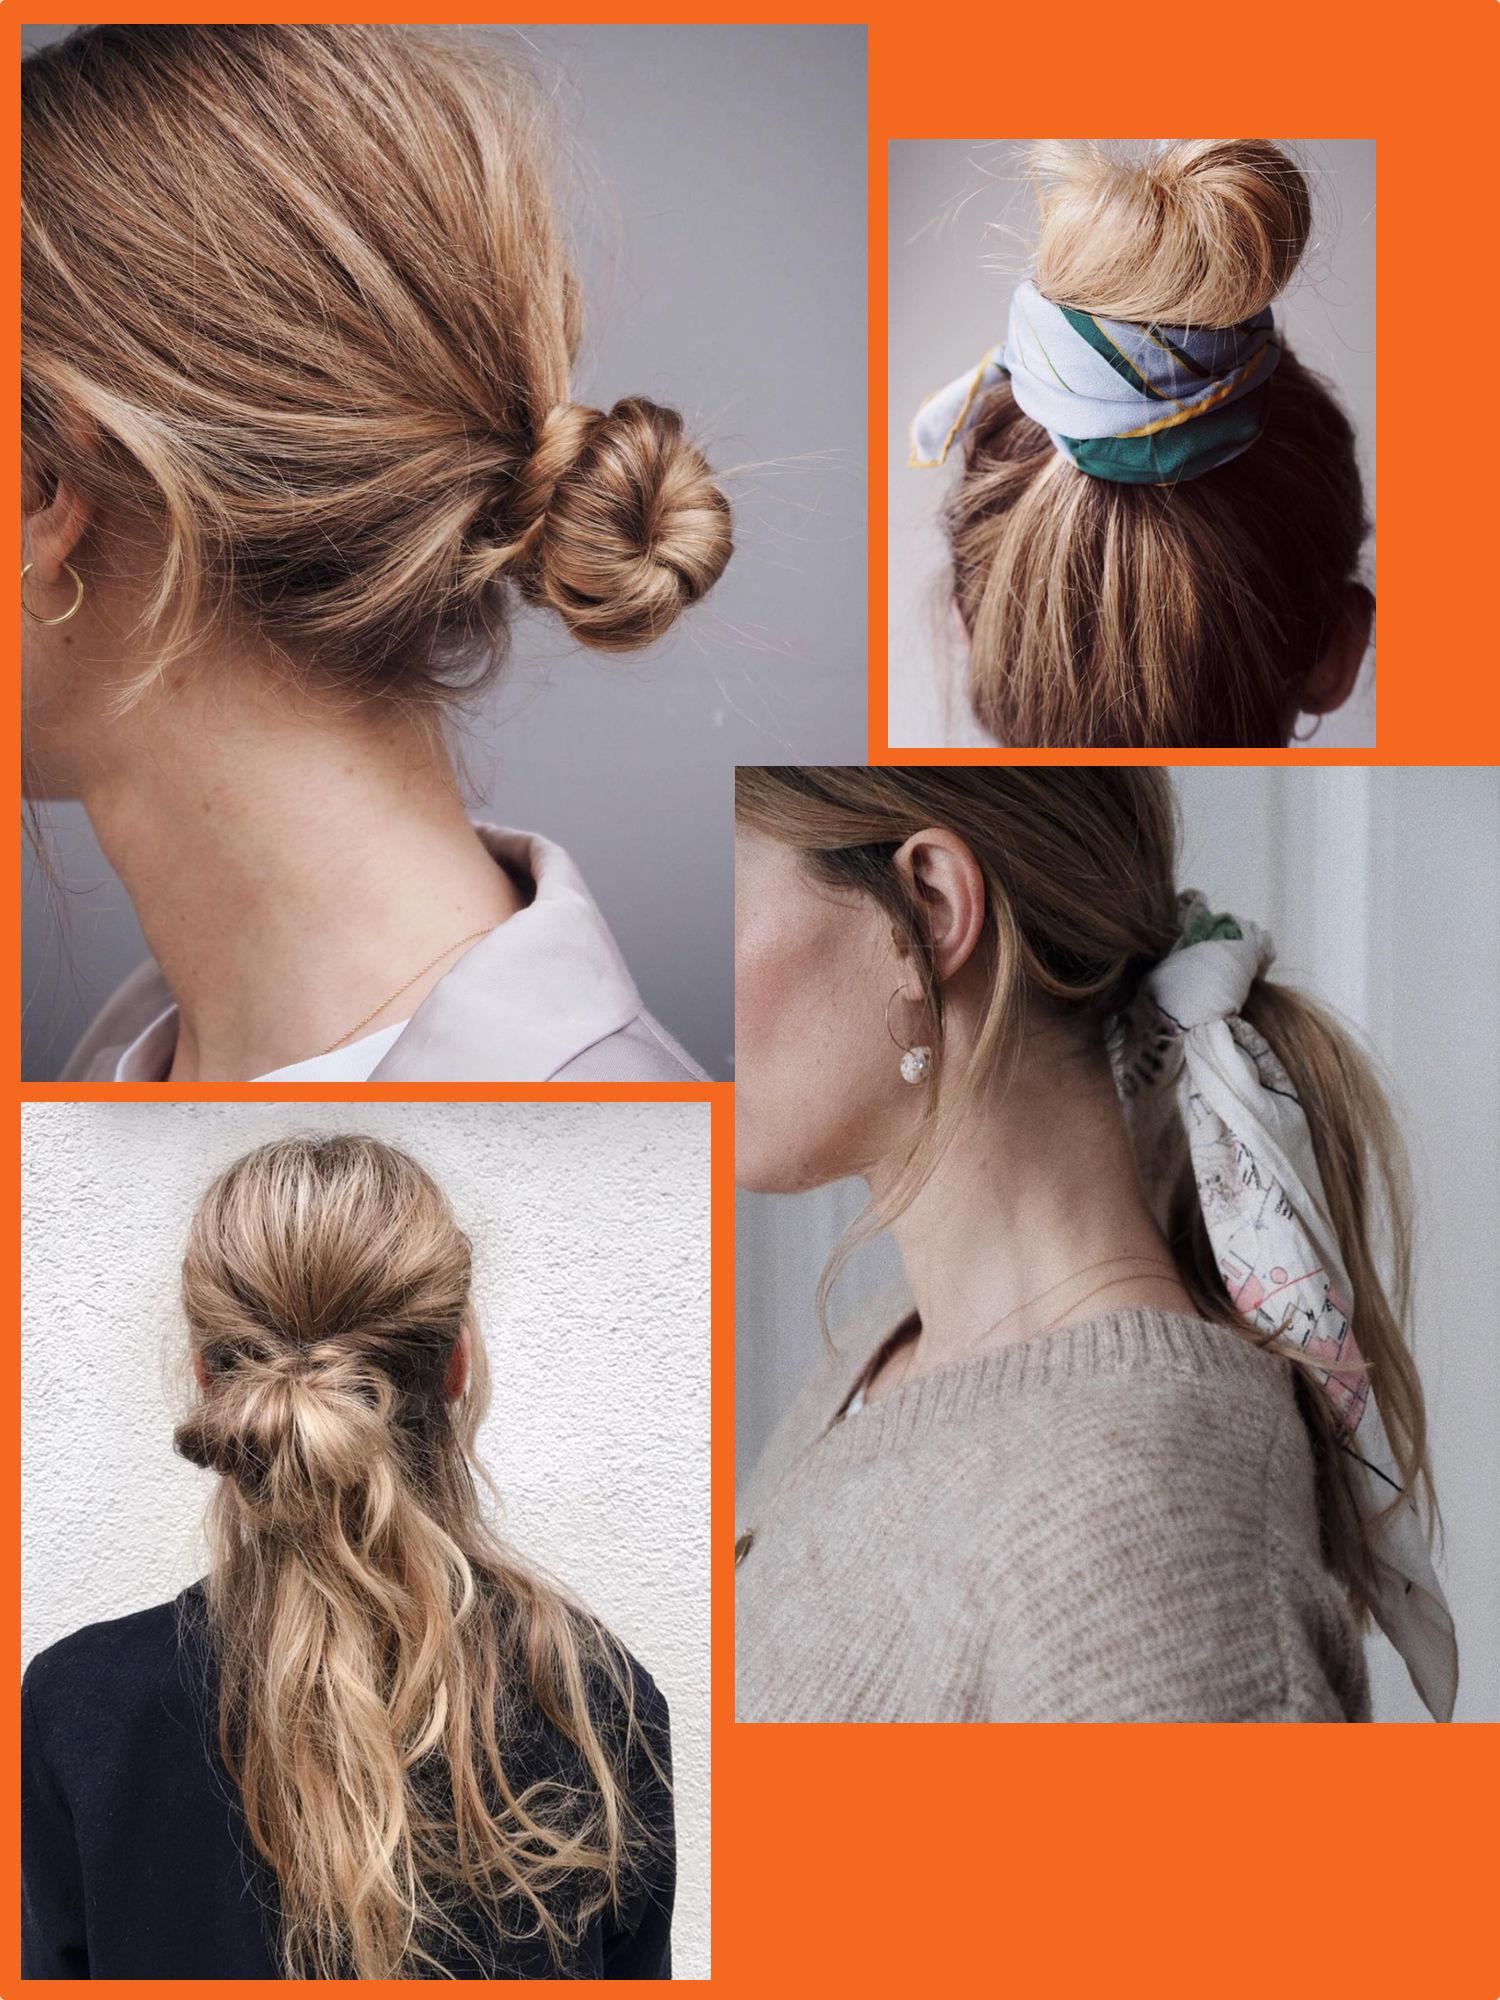 hair goals die besten frisuren f r langes haar bare minds. Black Bedroom Furniture Sets. Home Design Ideas